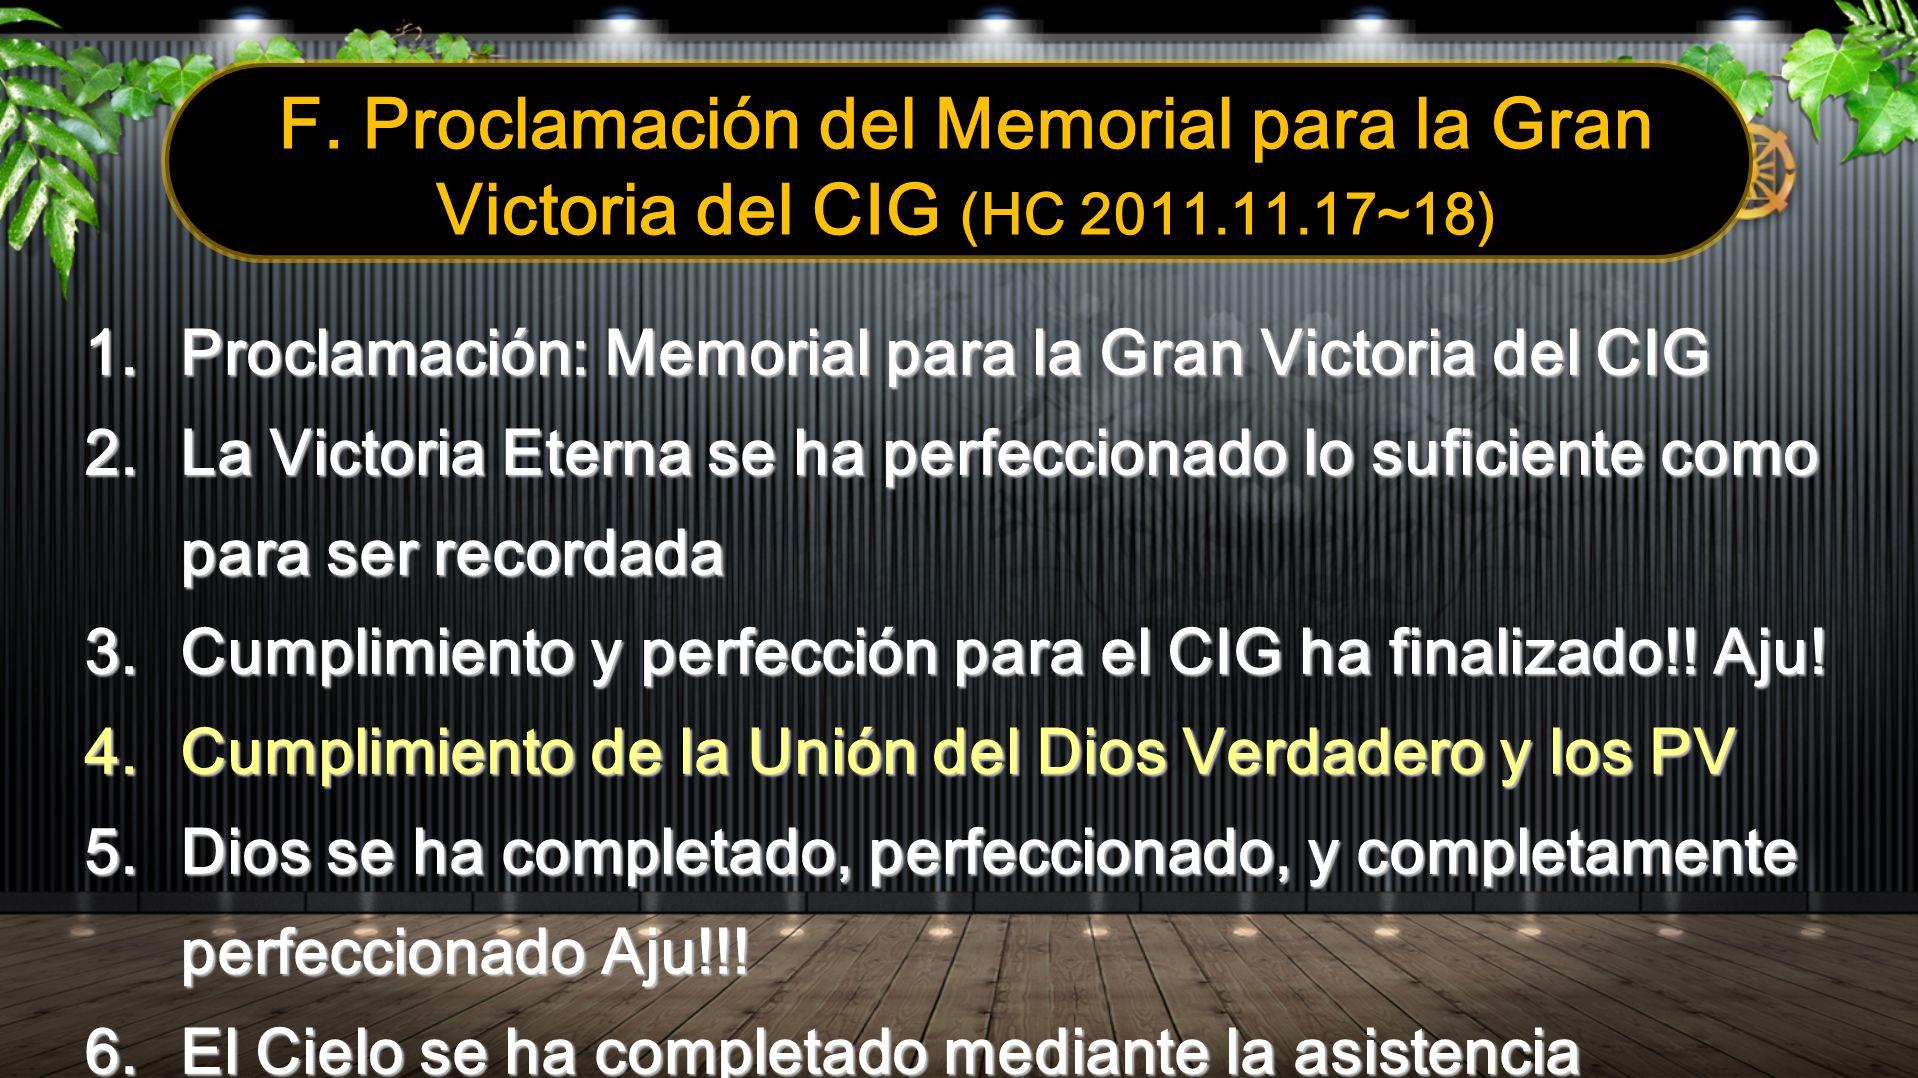 F. Proclamación del Memorial para la Gran Victoria del CIG (HC 2011.11.17~18)